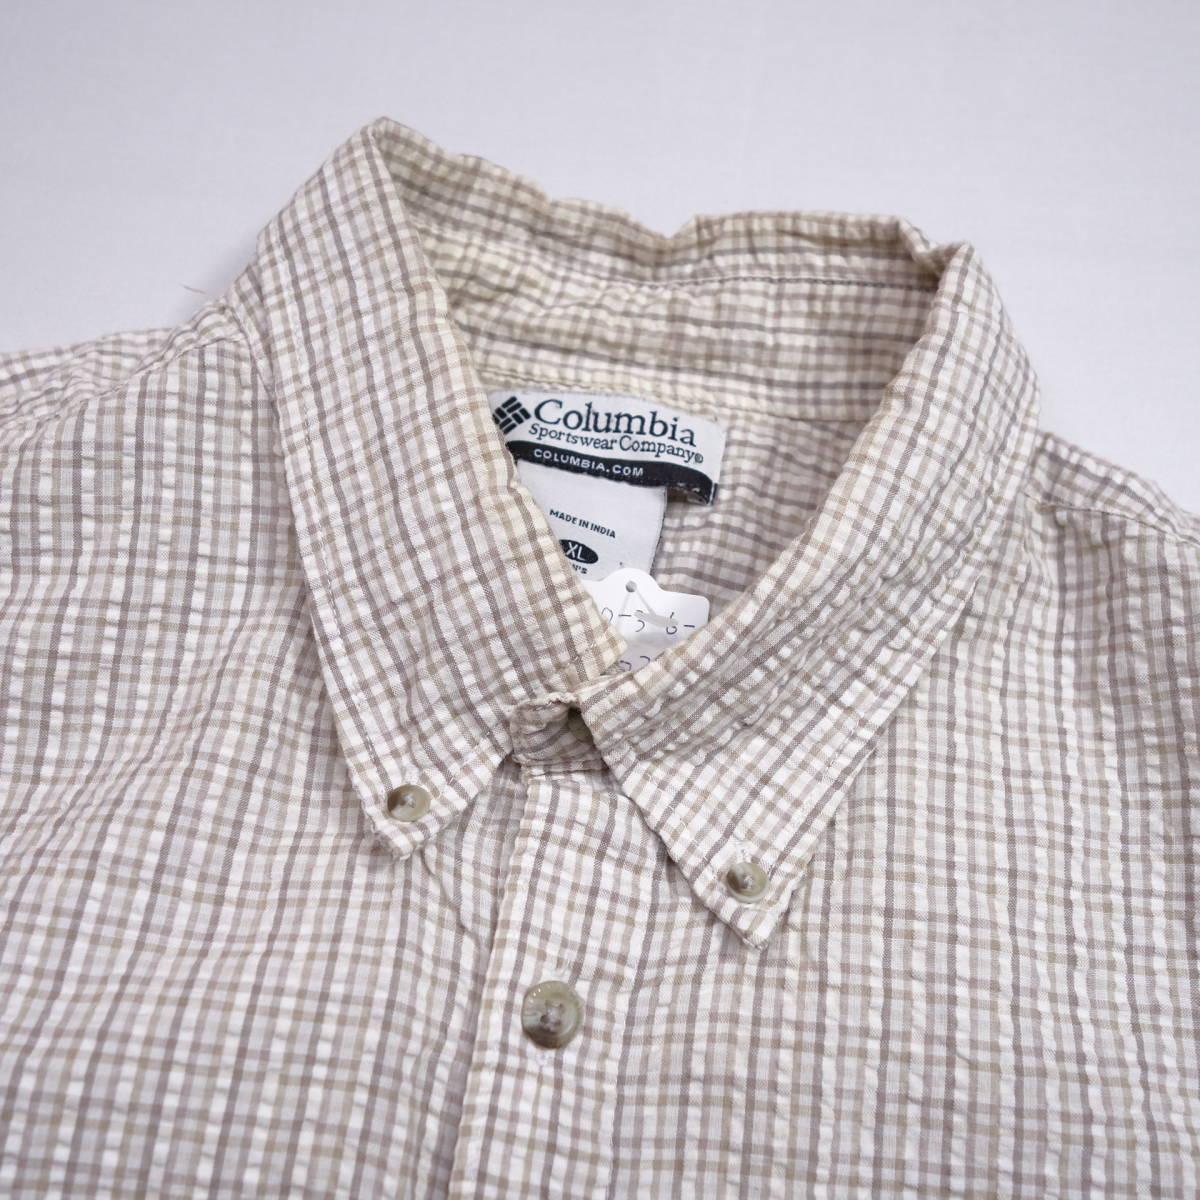 コロンビア Columbia チェックシャツ 半袖 メンズ XL 大きいサイズ ボタンダウン シワ加工 Yシャツ アメリカ USA直輸入 古着 MNO-3-6-0003_画像4